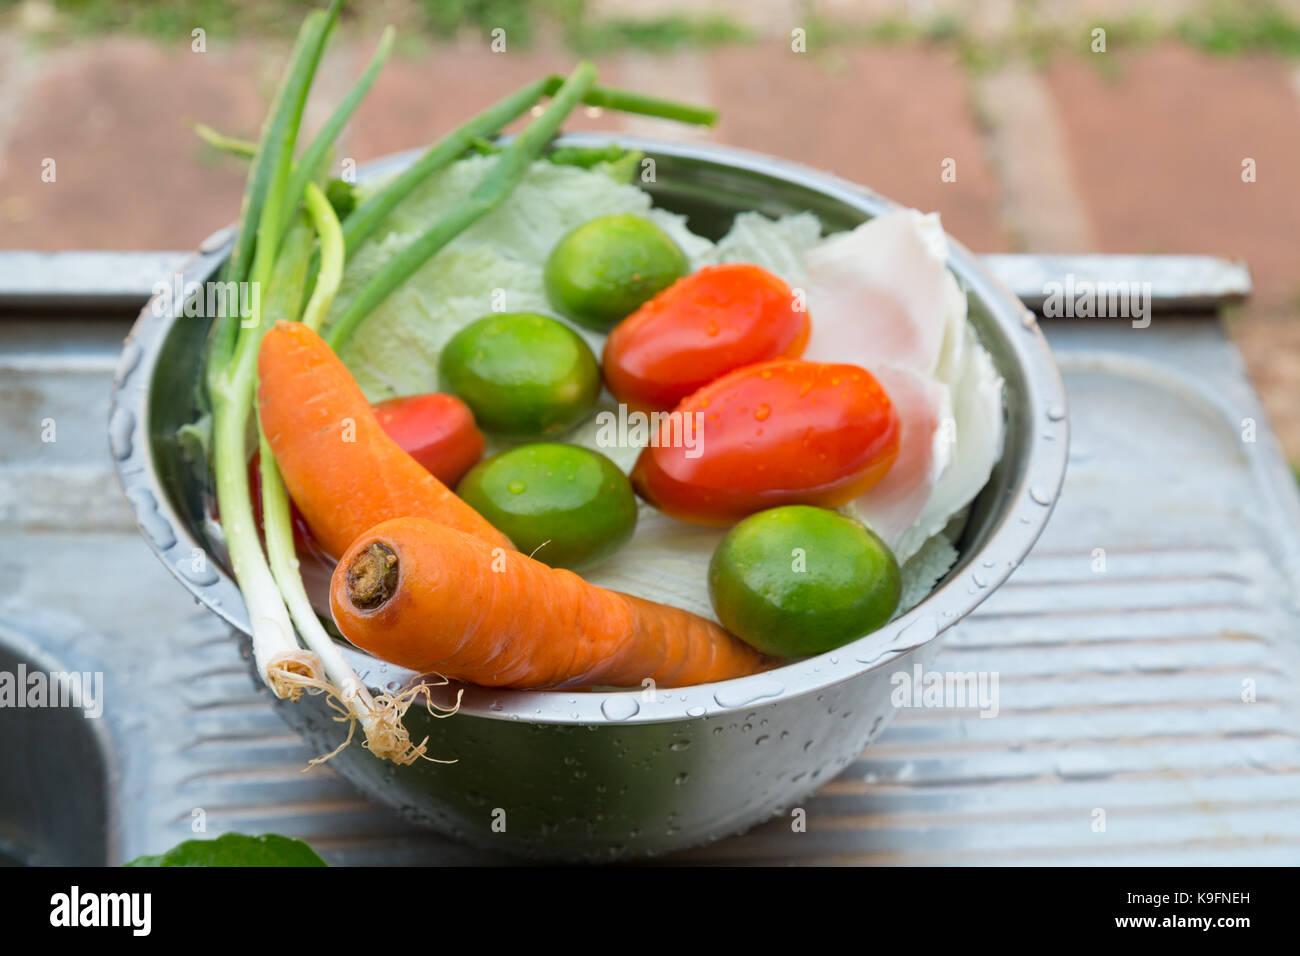 Verduras (Galés cebollas, zanahorias, tomates, repollo chino) y frutas (limones), mezclado, frescas bañadas Imagen De Stock